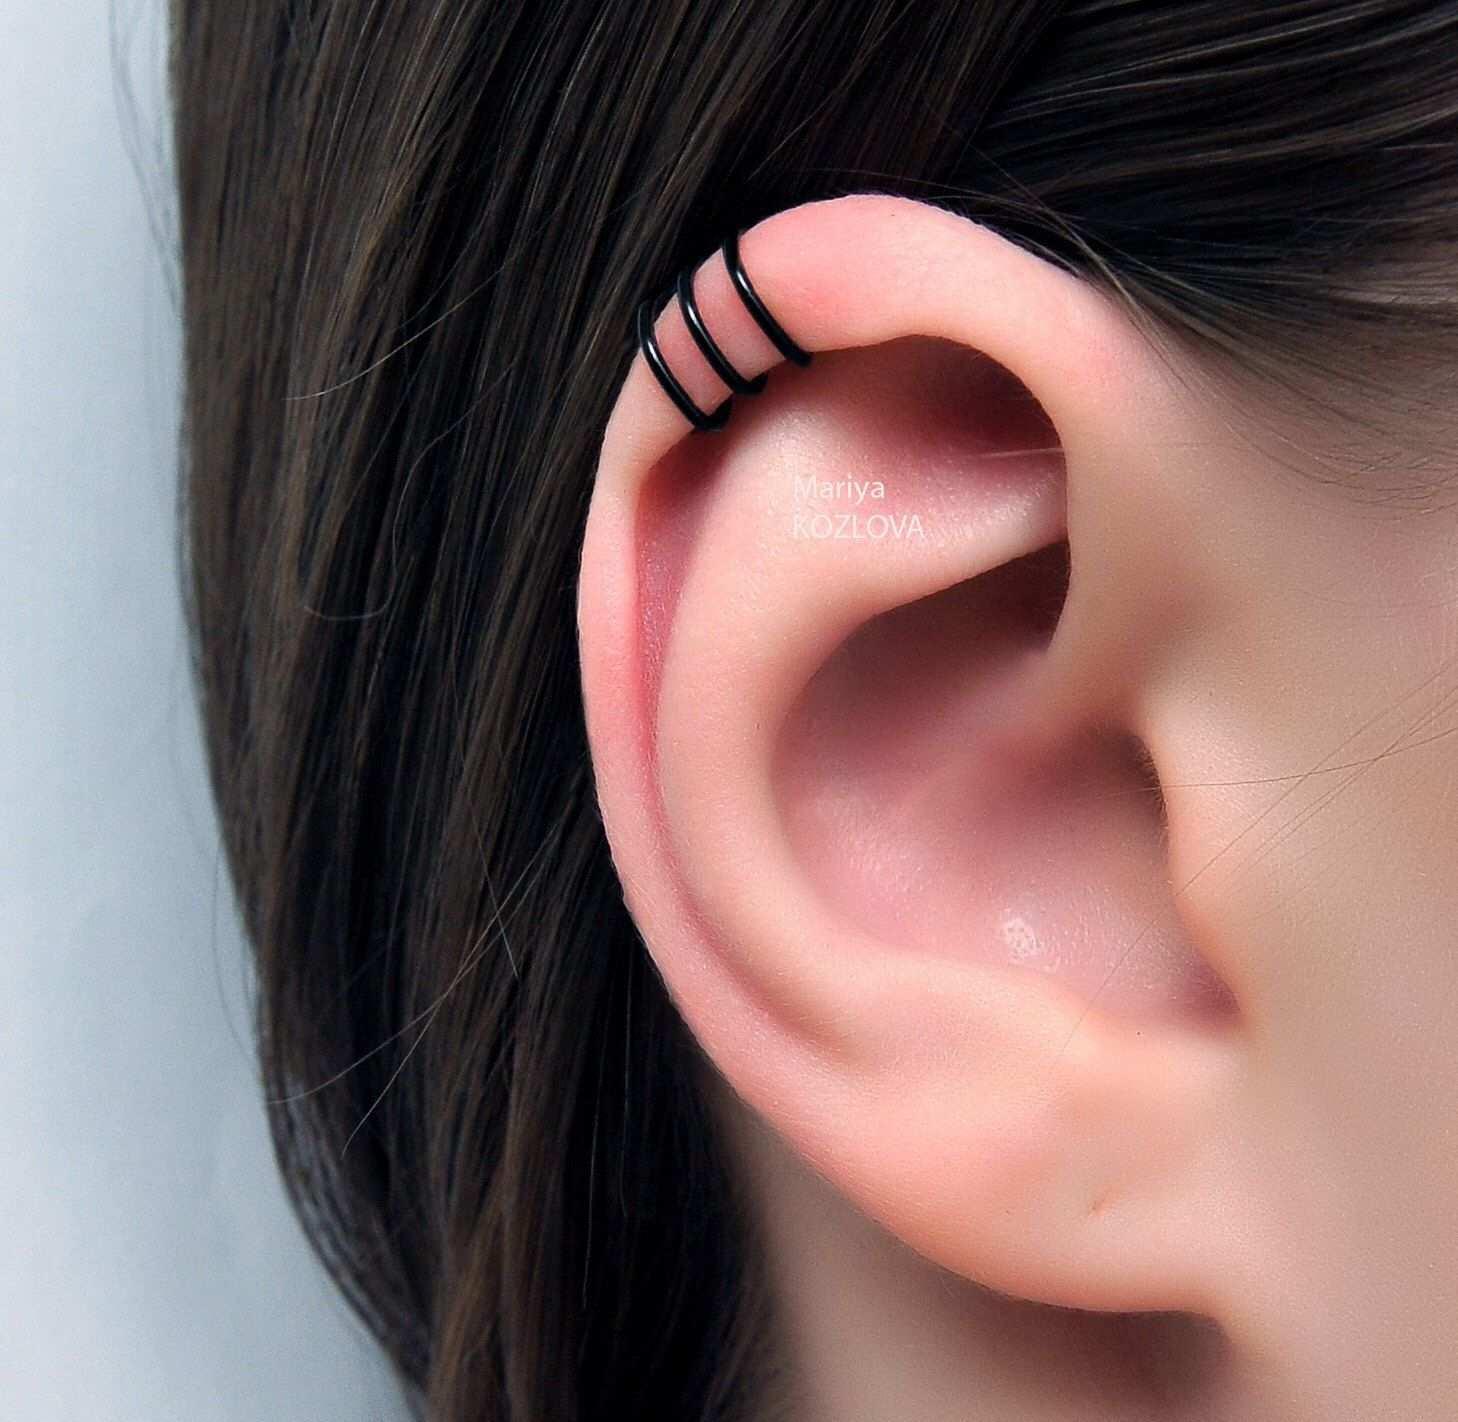 No Piercing Black Three Rings Helix Ear Cuff Triple Rings Helix Piercing Imitation Ohrklemme Ohrclip Ear Jacket Manschette Fake Piercing Ohr Ear Cuff Jewelry Ear Cuff Cartilage Ear Cuff